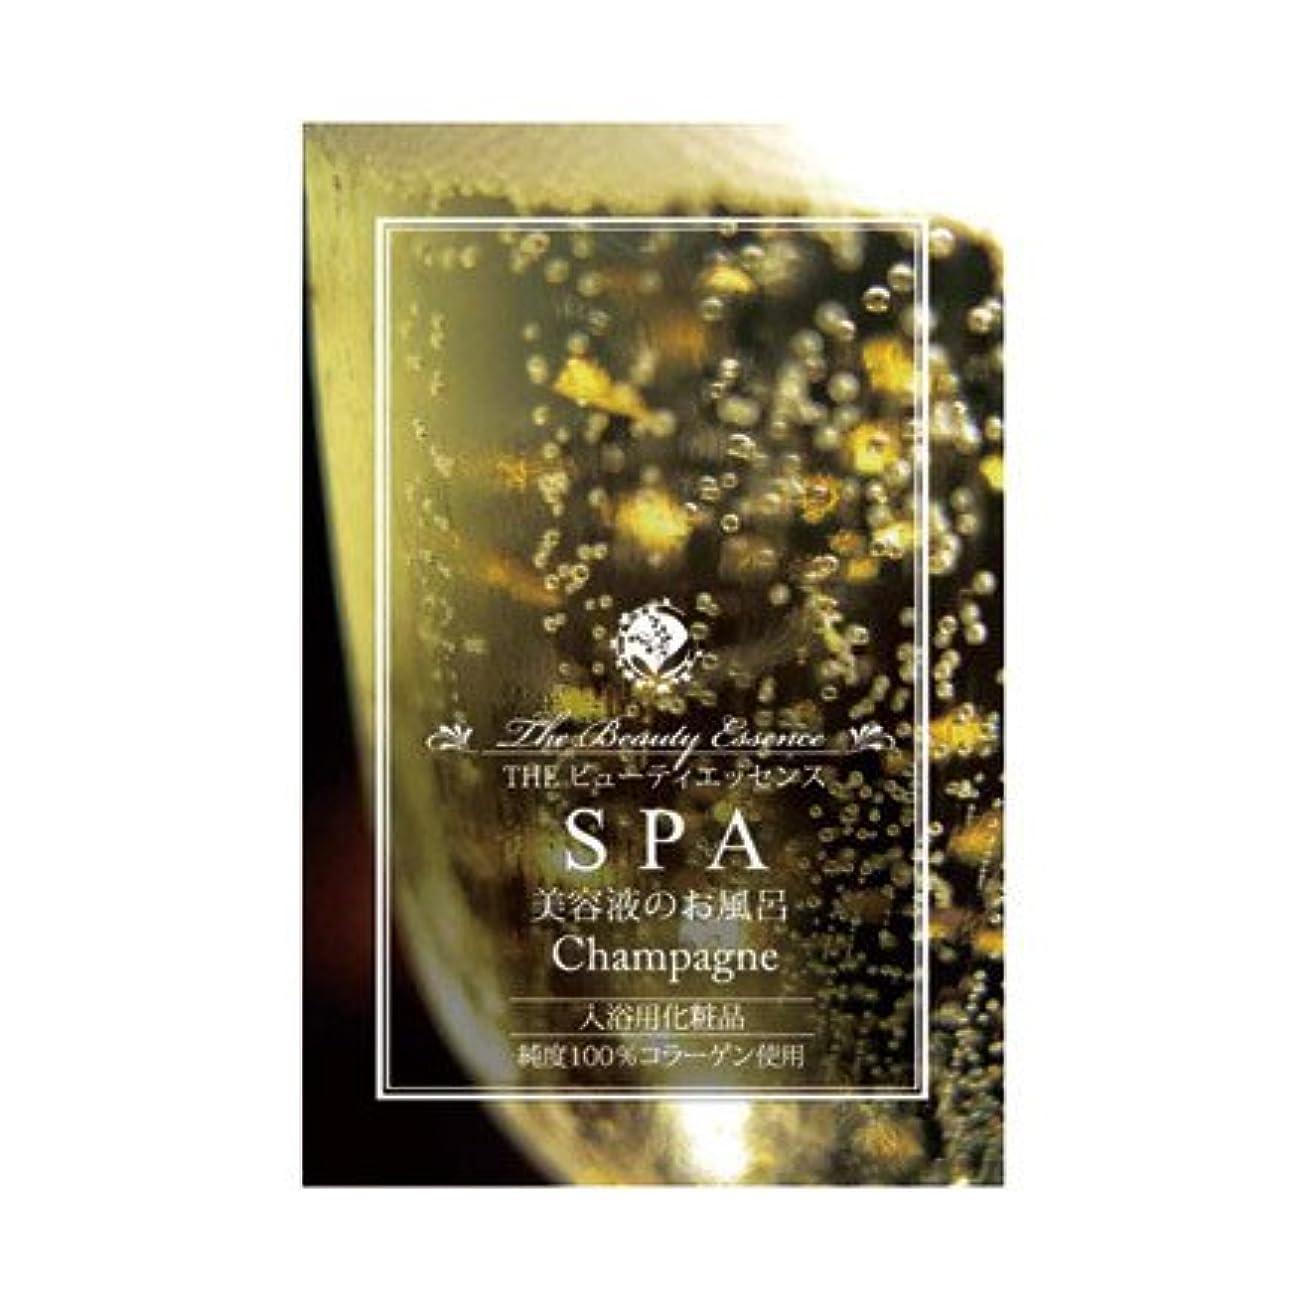 プット銃浴ビューティエッセンスSPA シャンパン 50g(入浴剤)